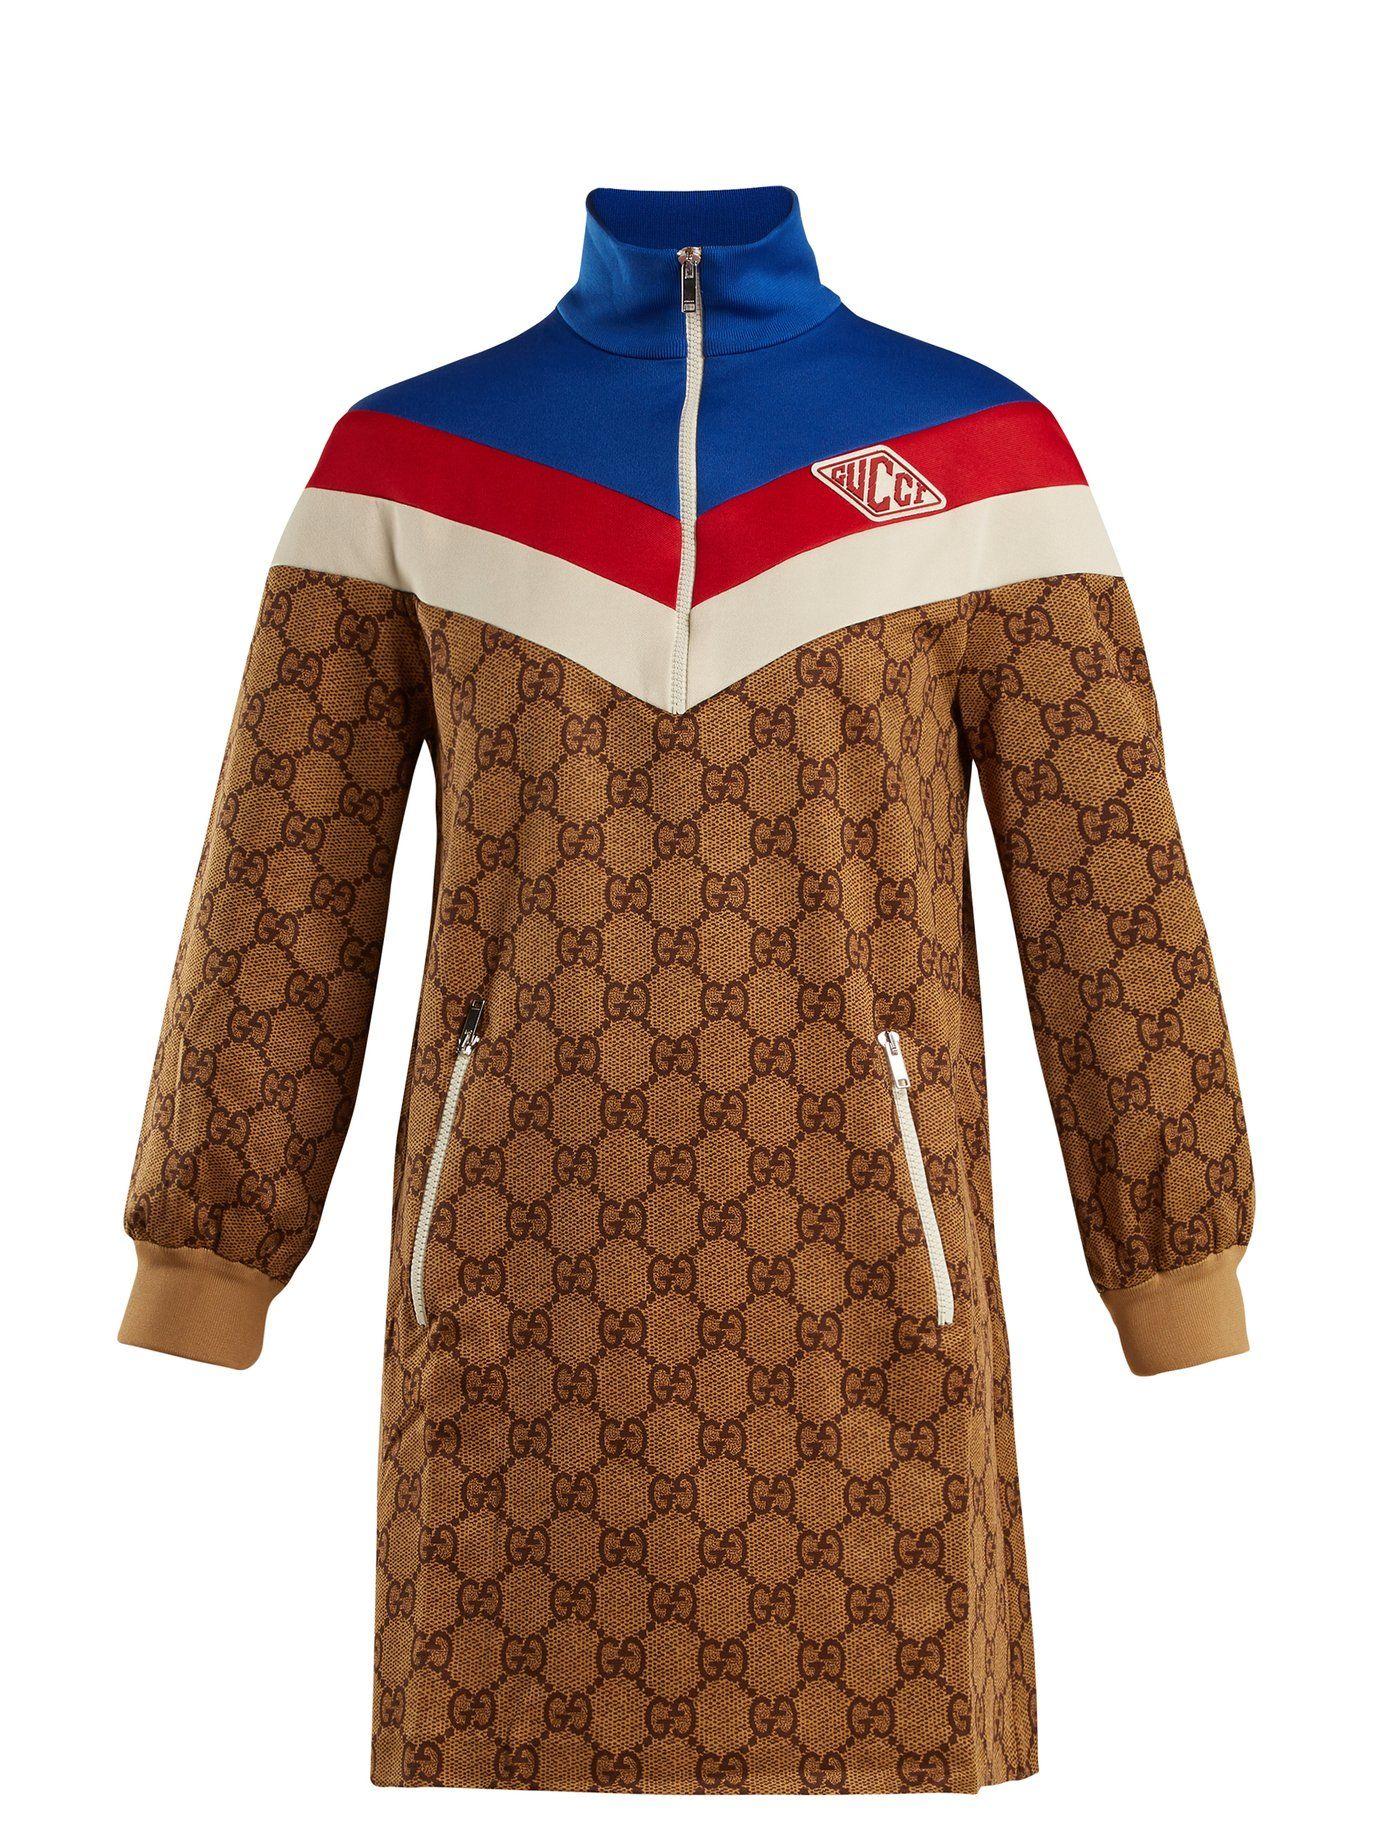 GGprint technicaljersey dress Gucci MATCHESFASHION